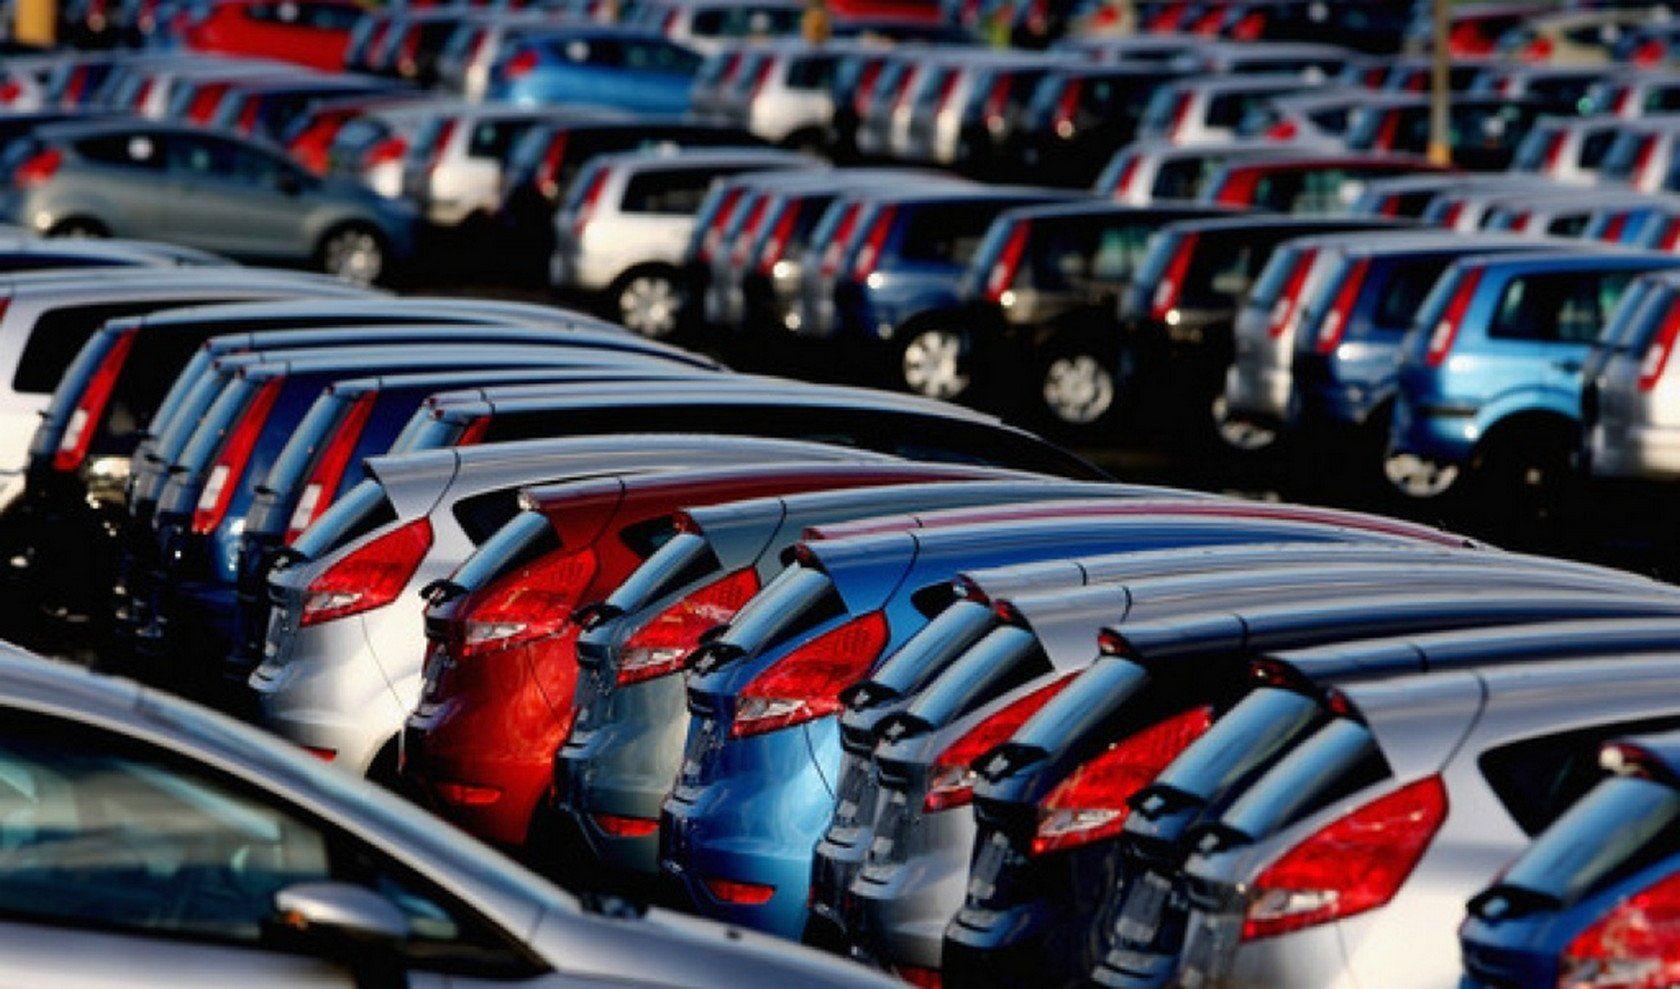 Воронежская область угодила втоп-15 регионов пообъёму рынка новых легковых авто